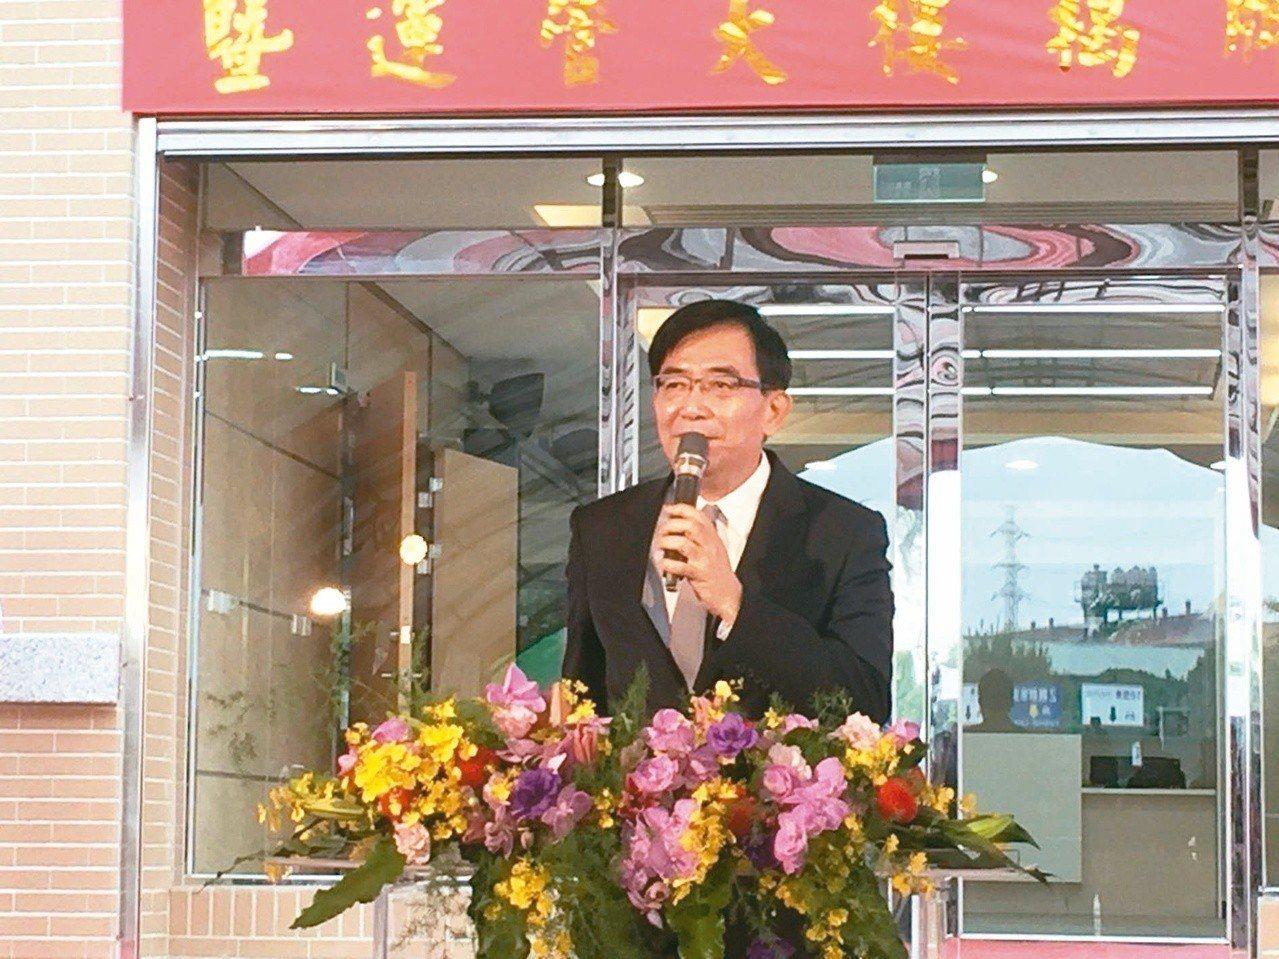 交通部長吳宏謀稍早表示,懲處員工是否適當,會進行必要的檢討。 記者洪安怡/攝影